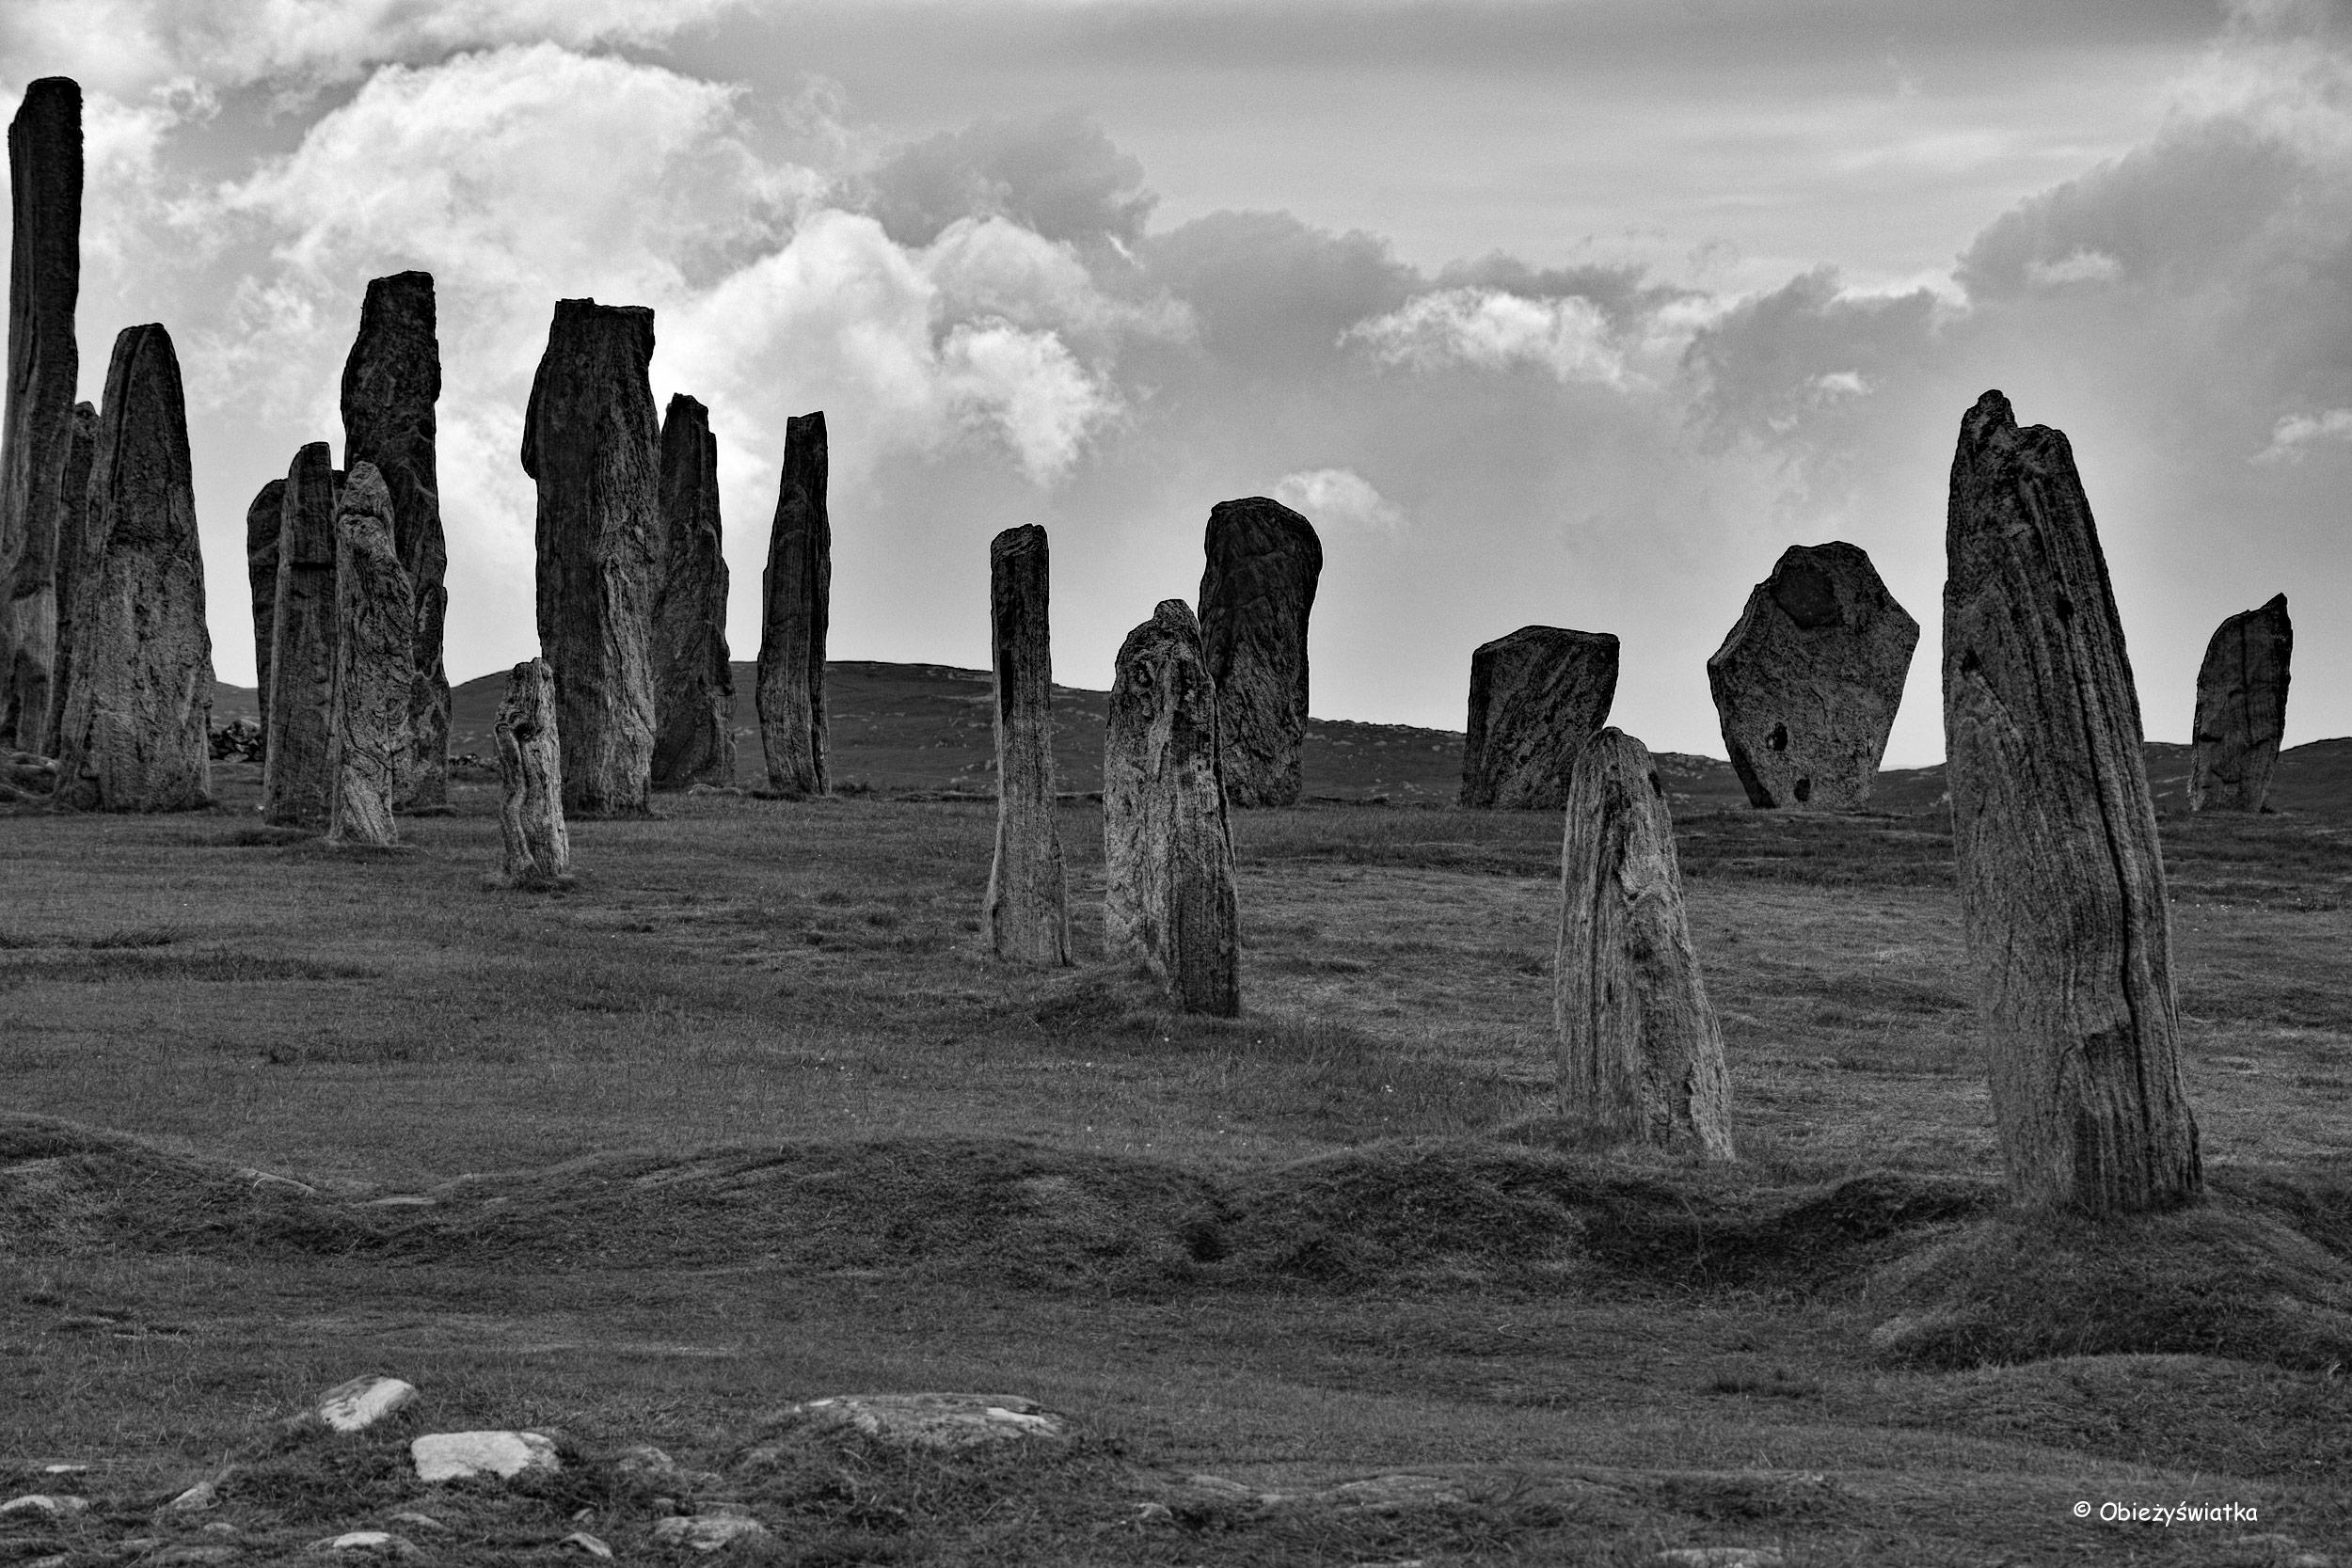 W kamiennym kręgu - megality w Callanish/Calanais, Lewis and Harris, Szkocja